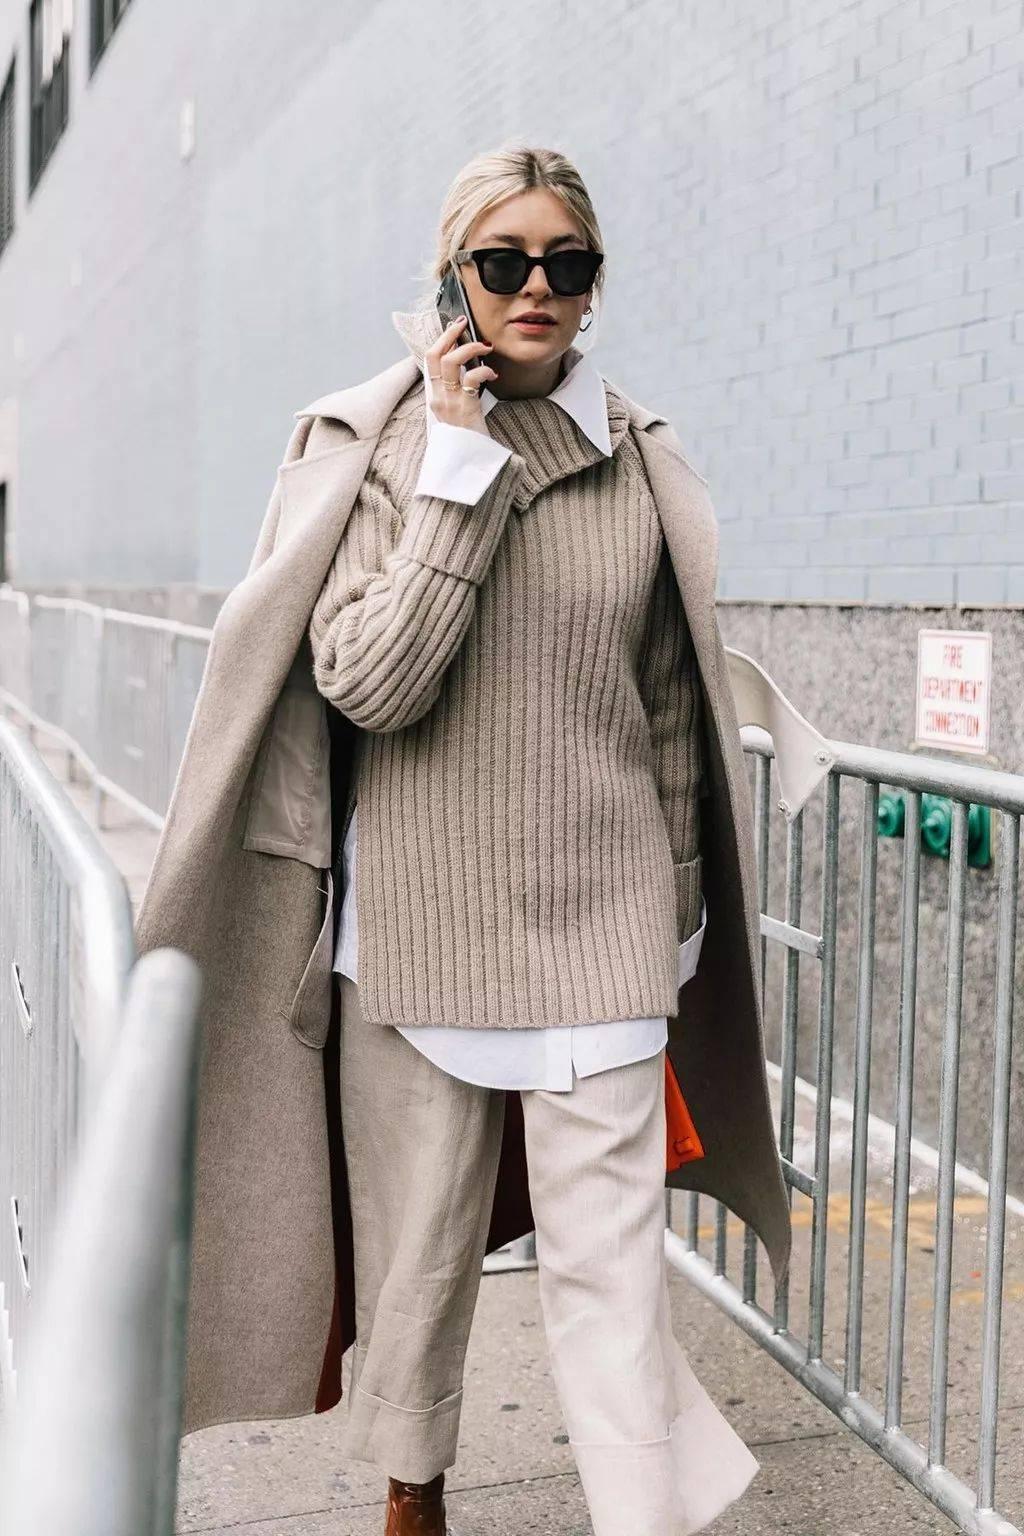 毛衣穿搭攻略,时髦的穿法都在这里